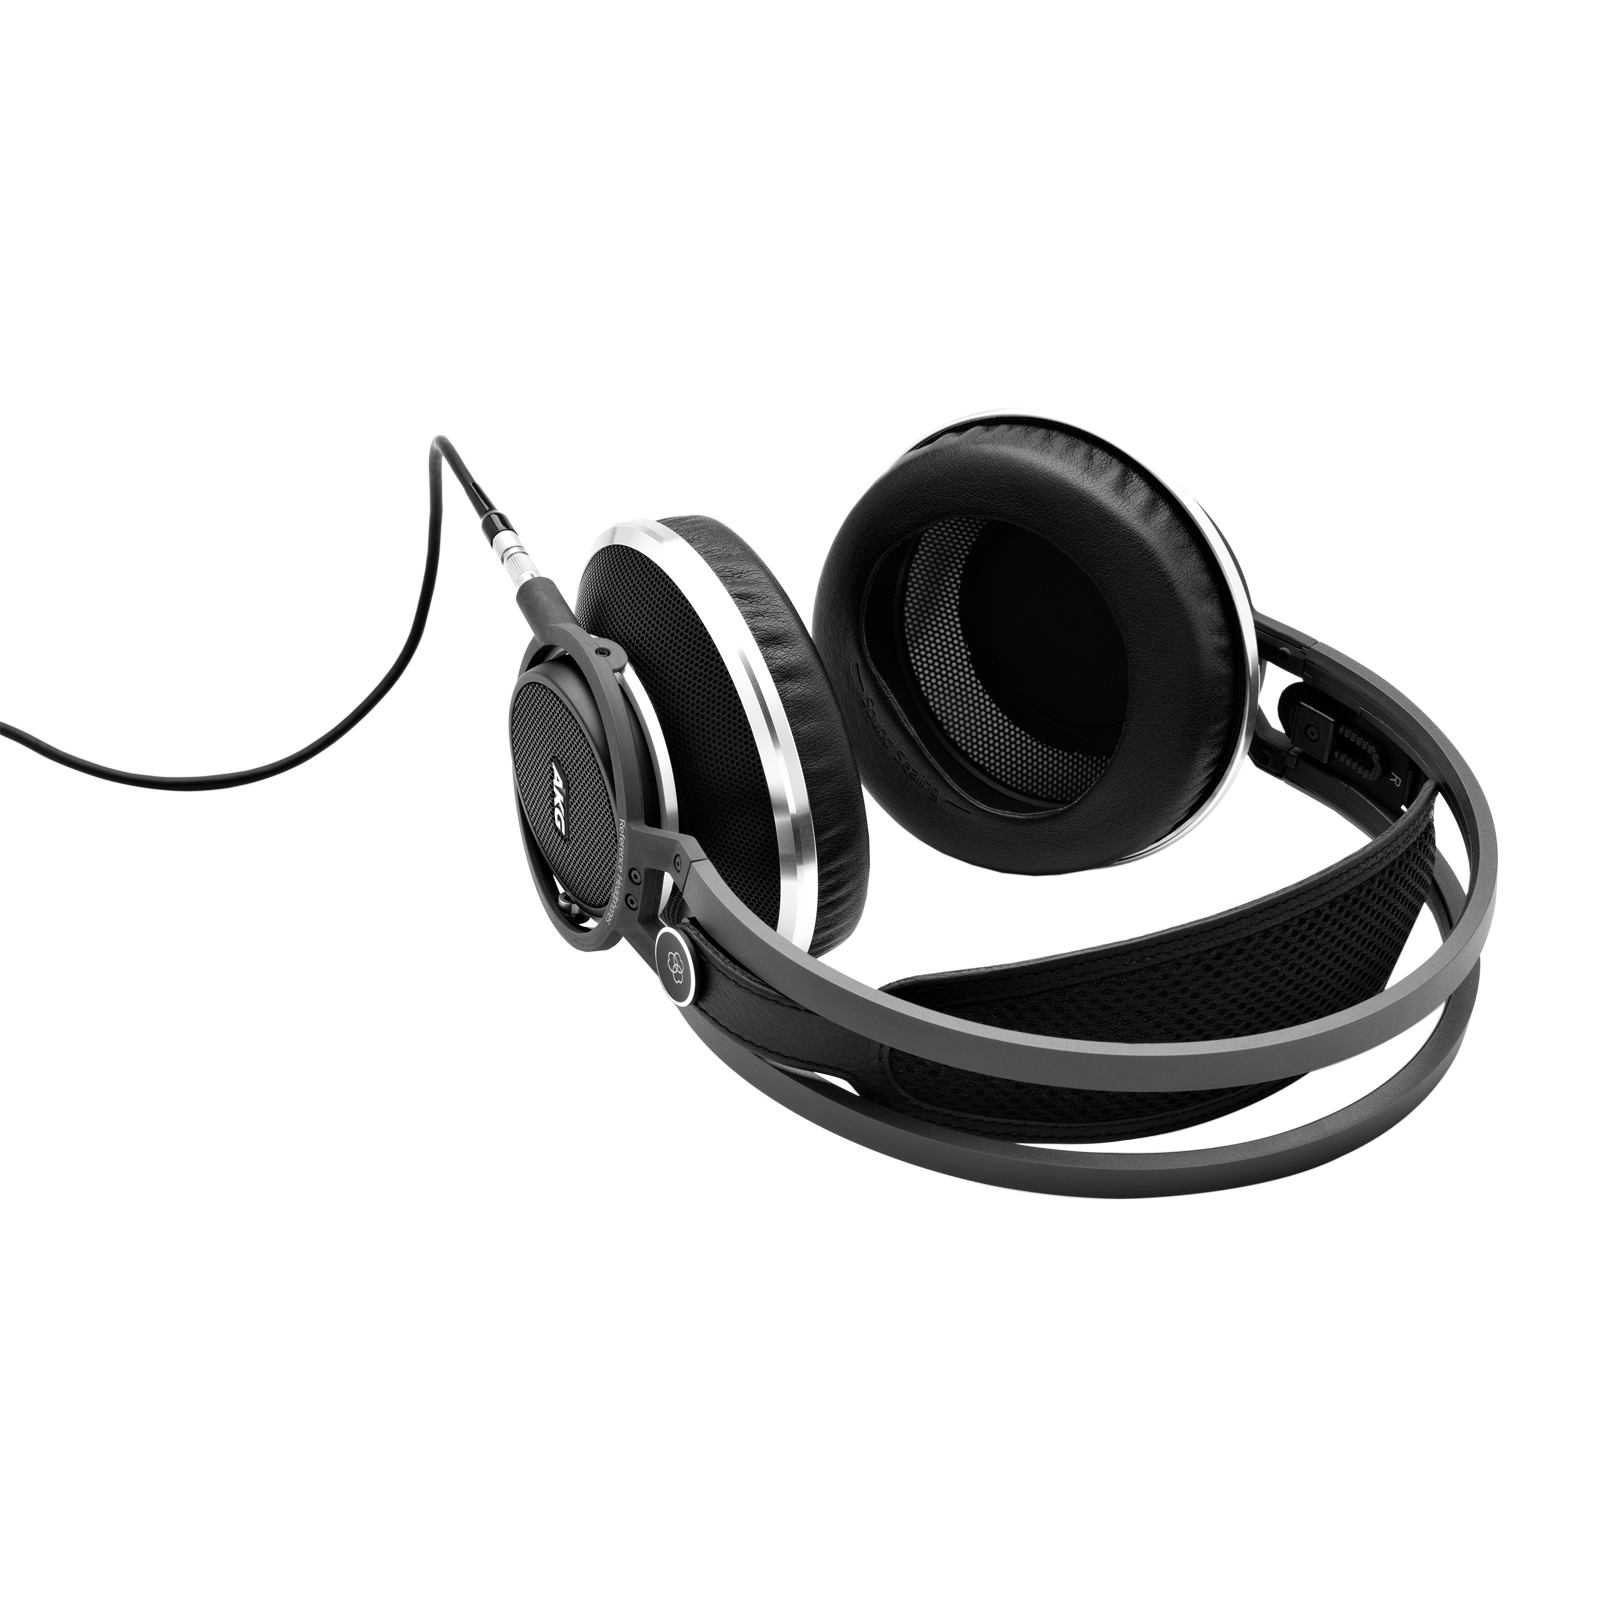 K812 - Black - Superior reference headphones - Detailshot 2